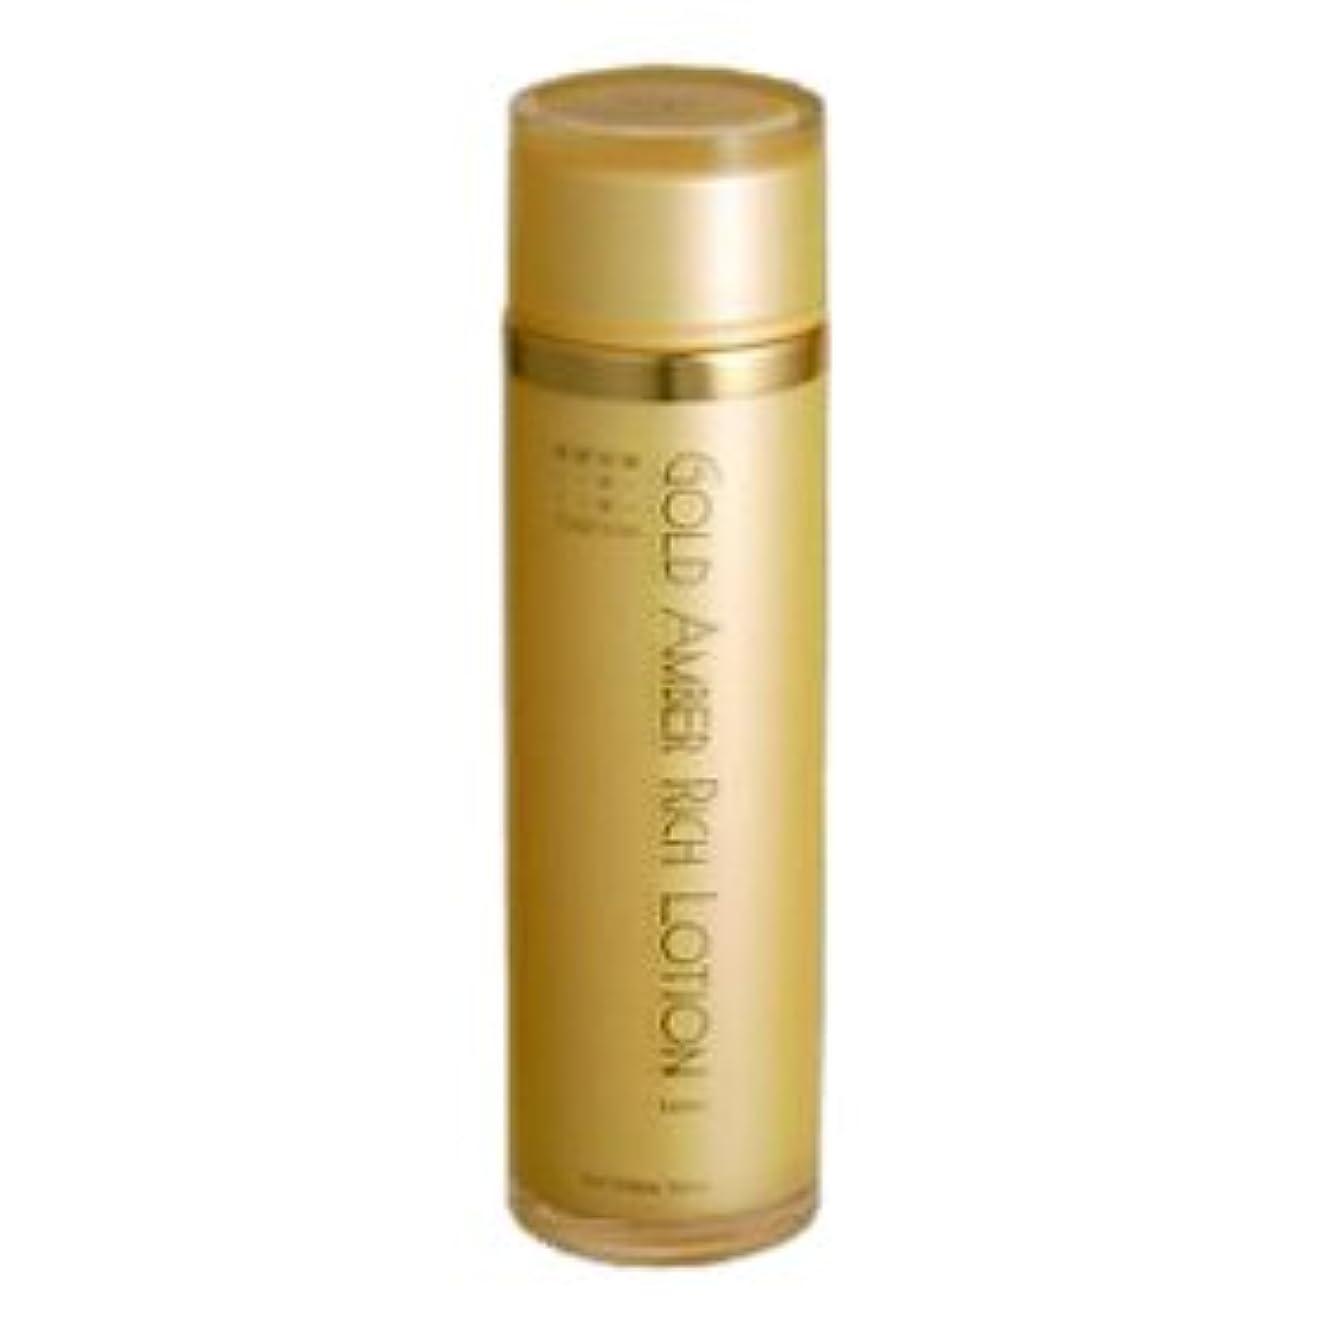 パネルトランクライブラリ地平線コスメプラウド ゴールドアンバーリッチローション120ml(化粧水)